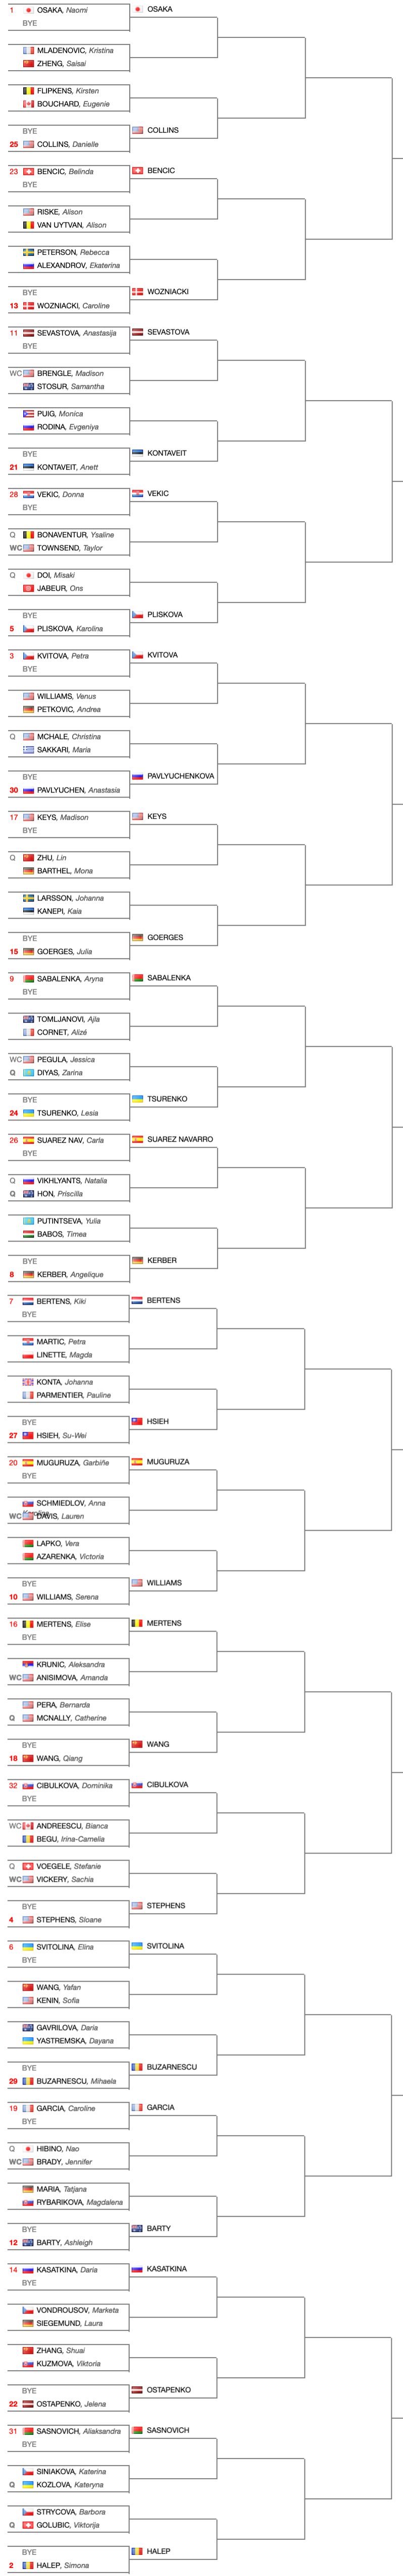 Tabellone-principale-Indian-Wells-WTA-2019